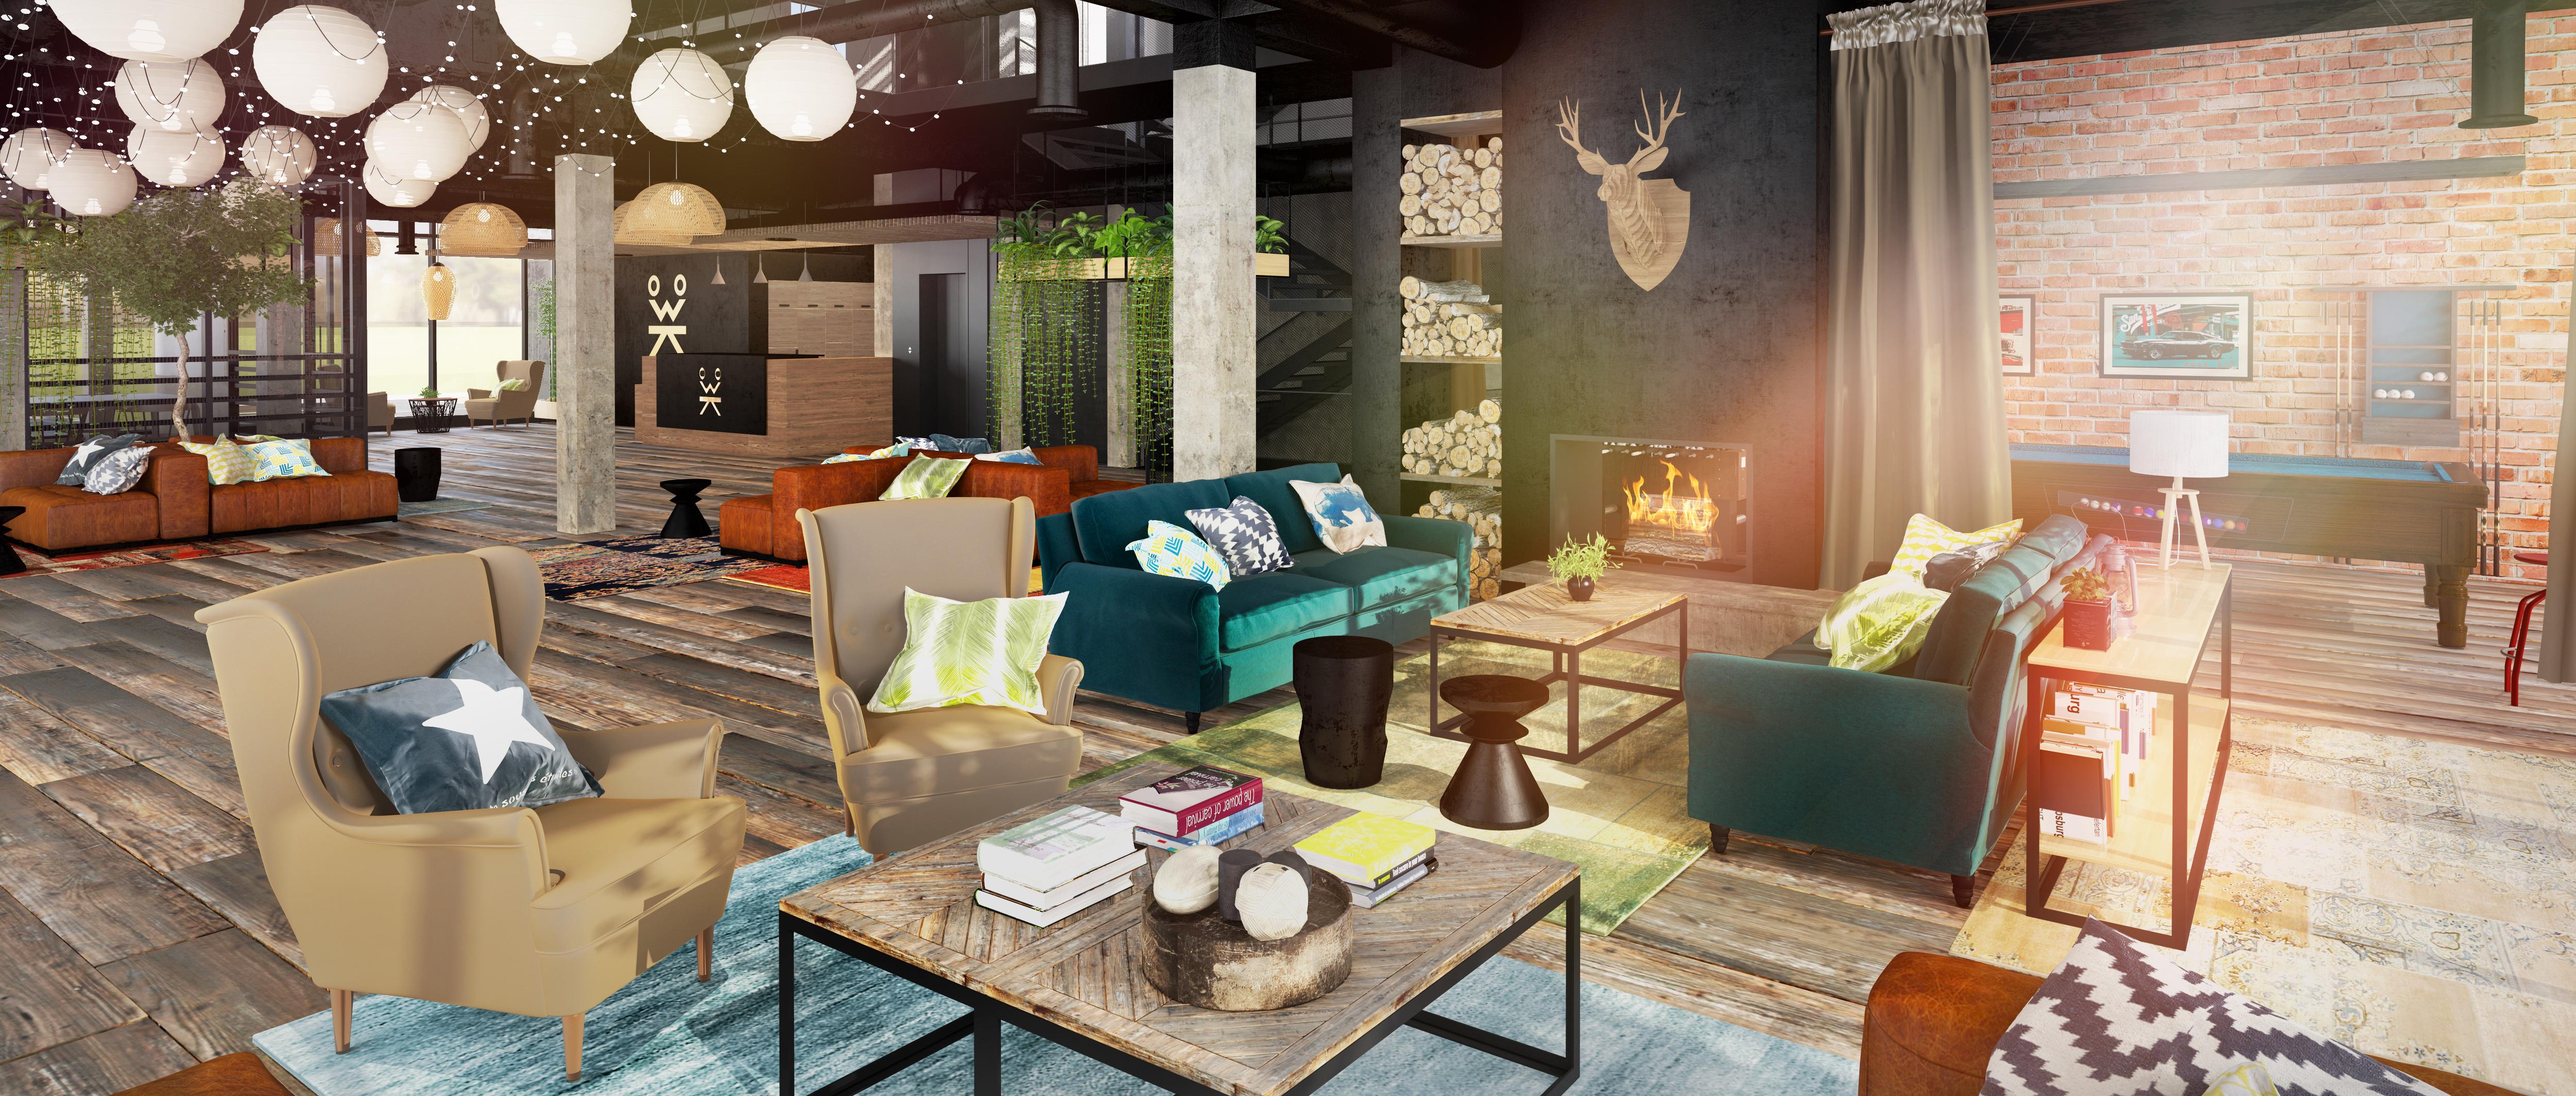 coworkoffice lille lesquin c 39 est pour demain emmanuelle morice. Black Bedroom Furniture Sets. Home Design Ideas